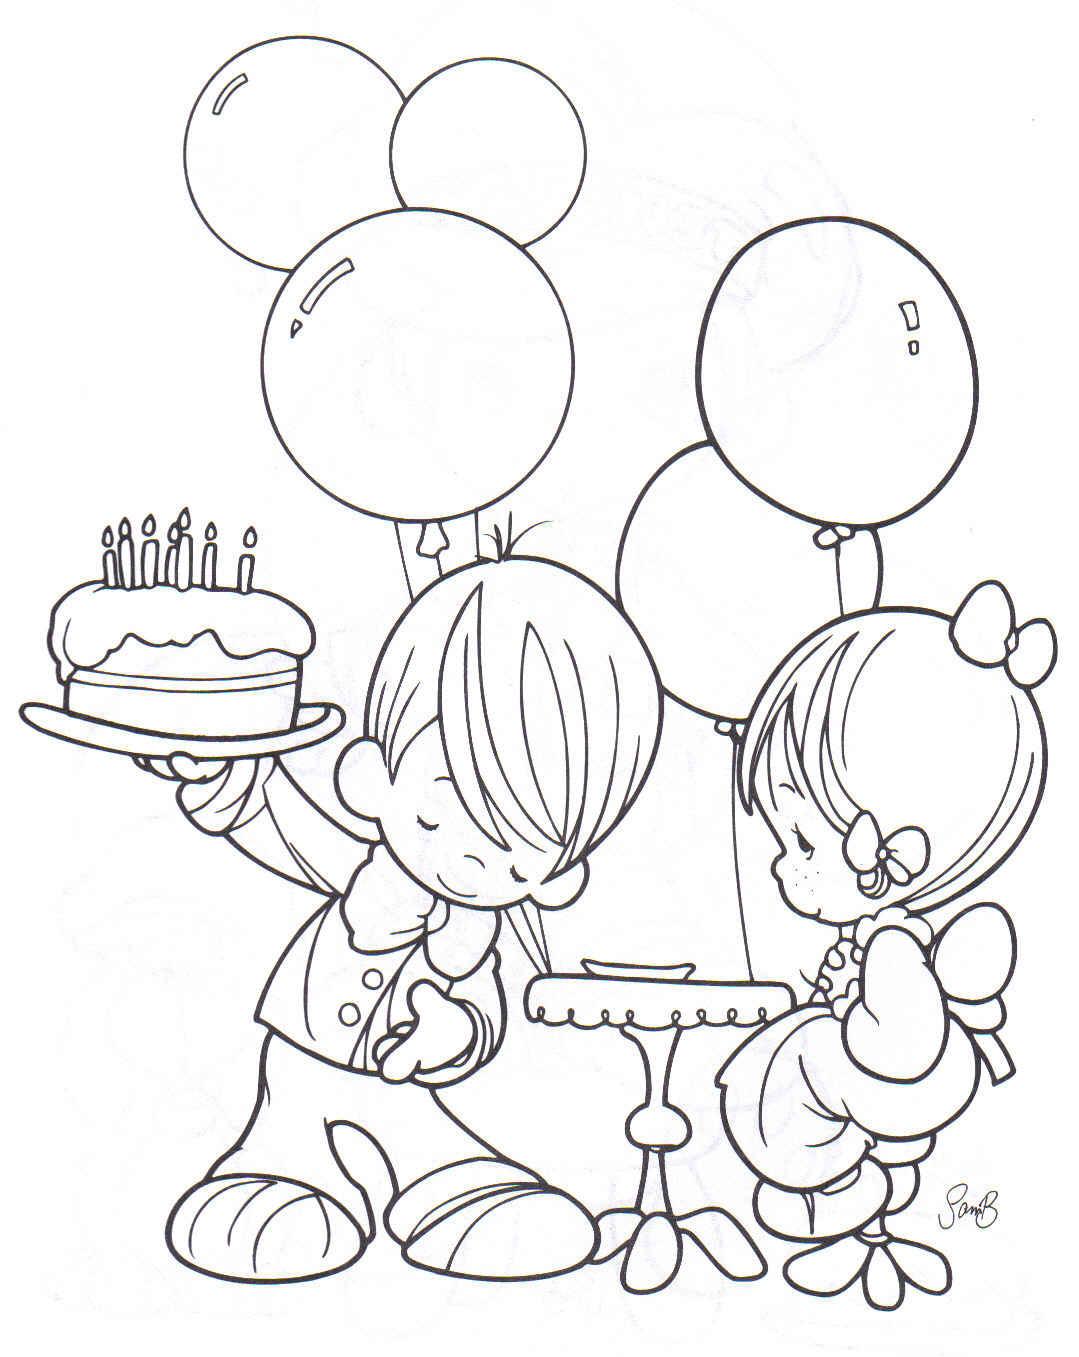 Dibujos para colorear: Dibujos de cumpleaños para colorear